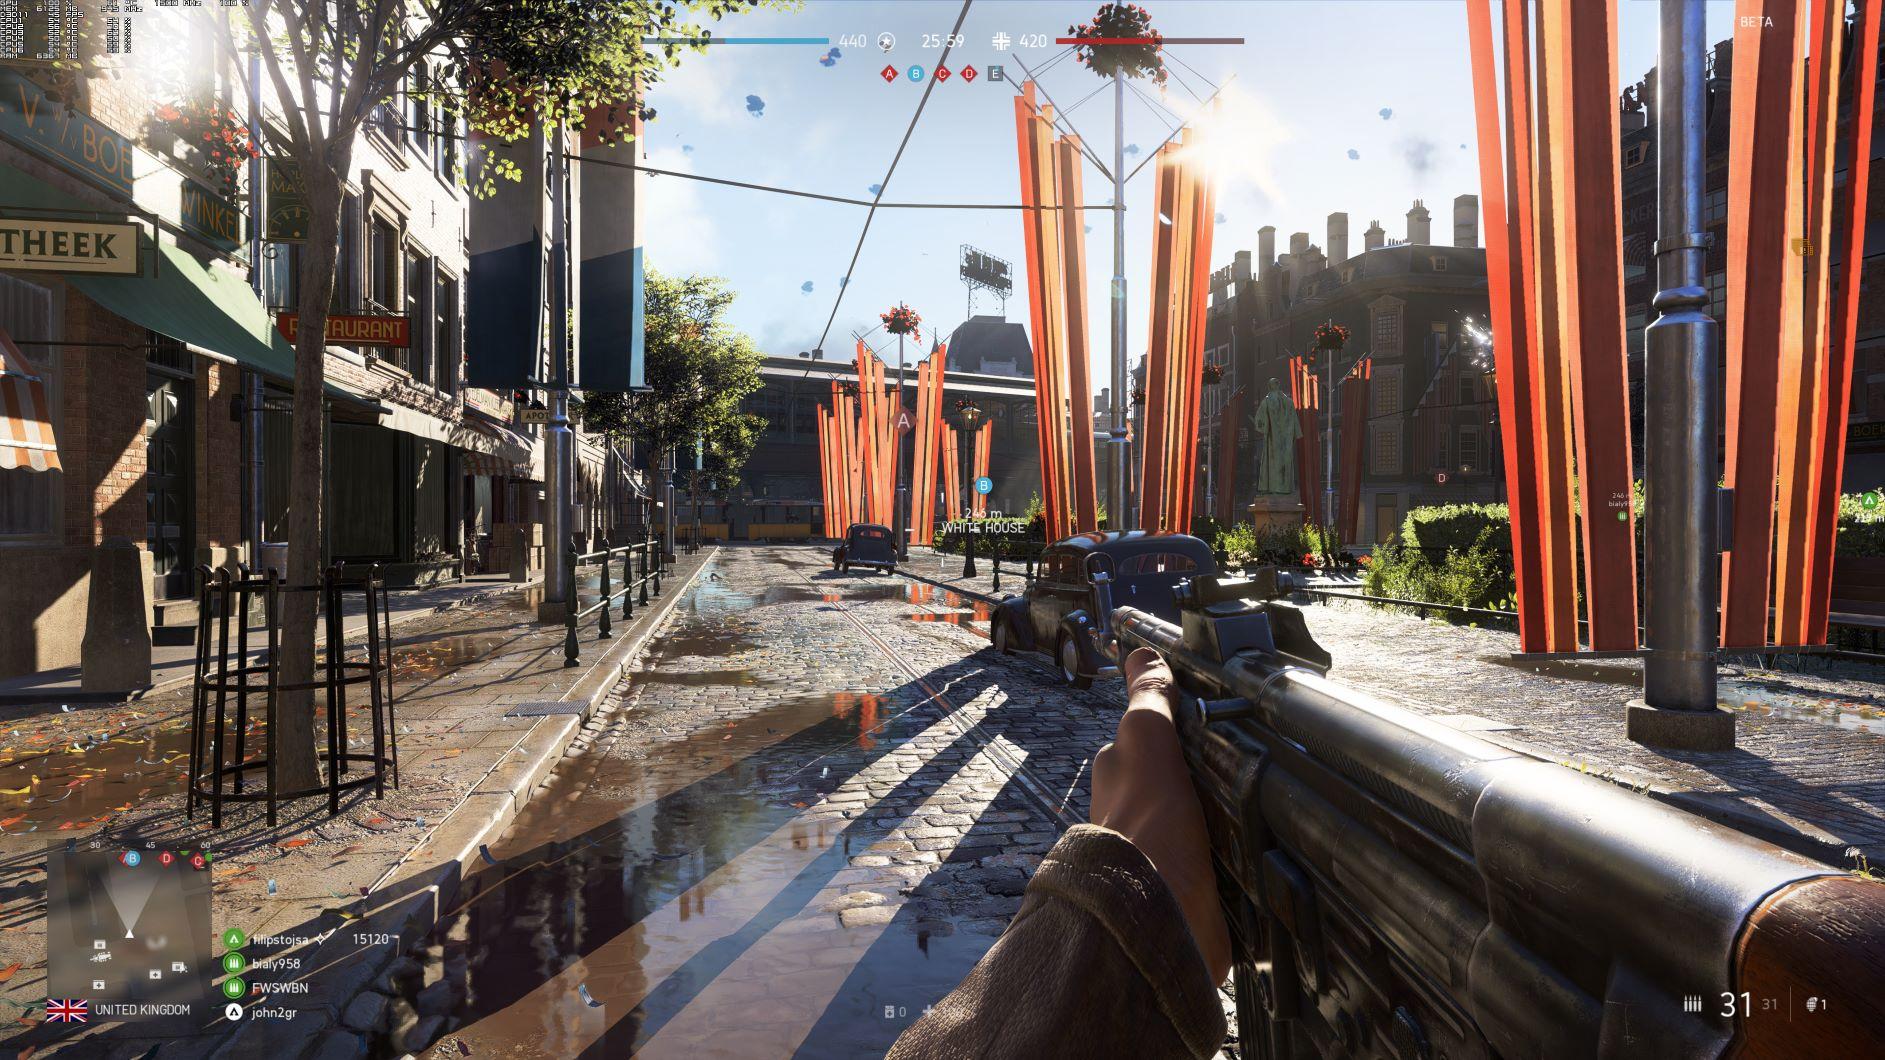 《战地5》BETA PC版最高画质截图欣赏 4K分辨率